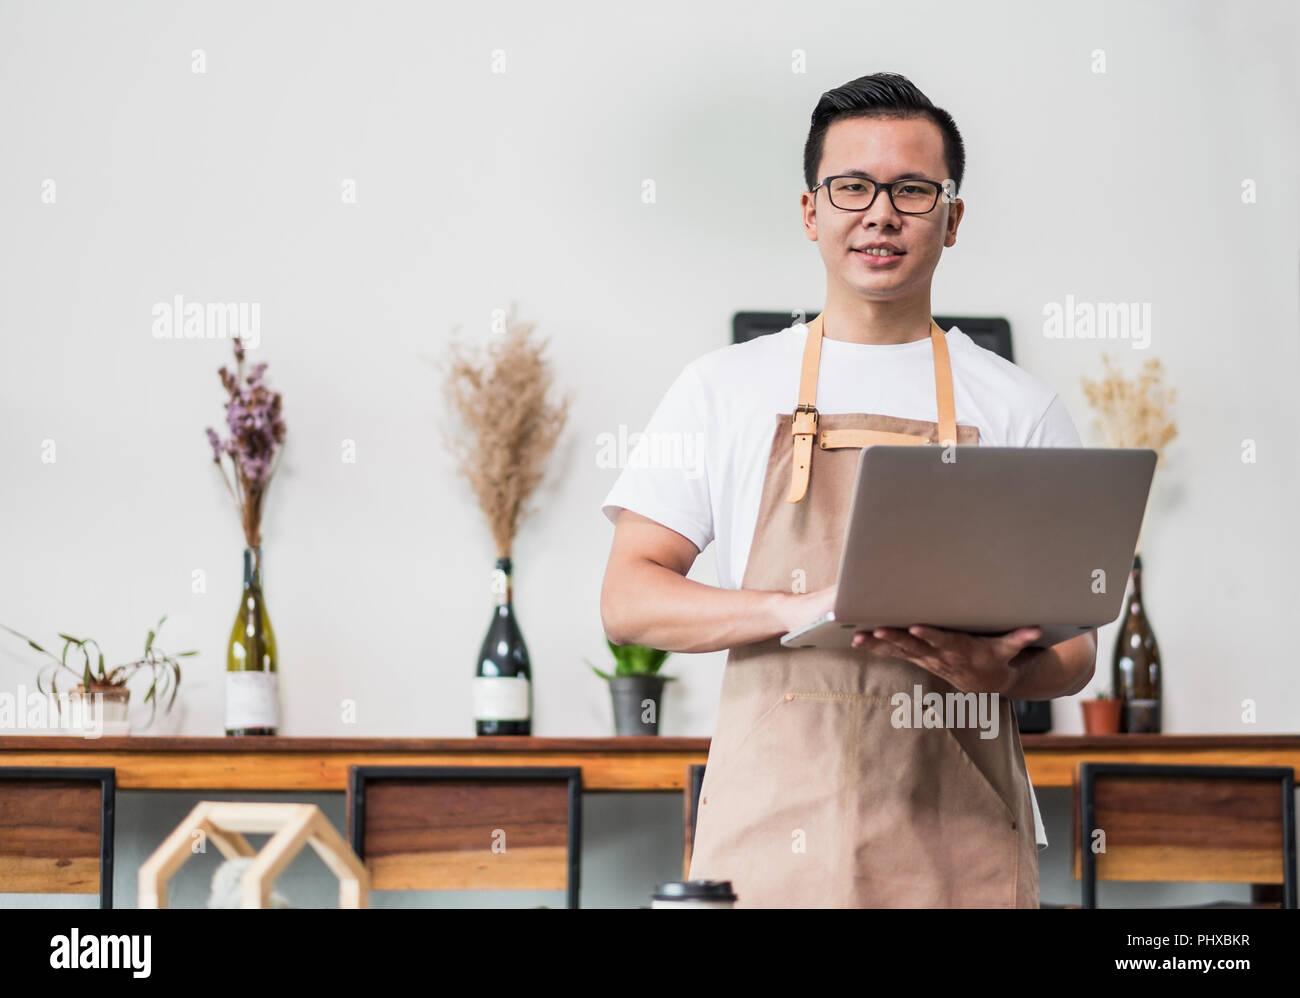 Asiatische männlichen Barista Café Eigentümer mit Laptop im Cafe Business im Coffee Shop, schauen und lächeln in die Kamera. Essen und Trinken Geschäft beginnen oben Stockbild